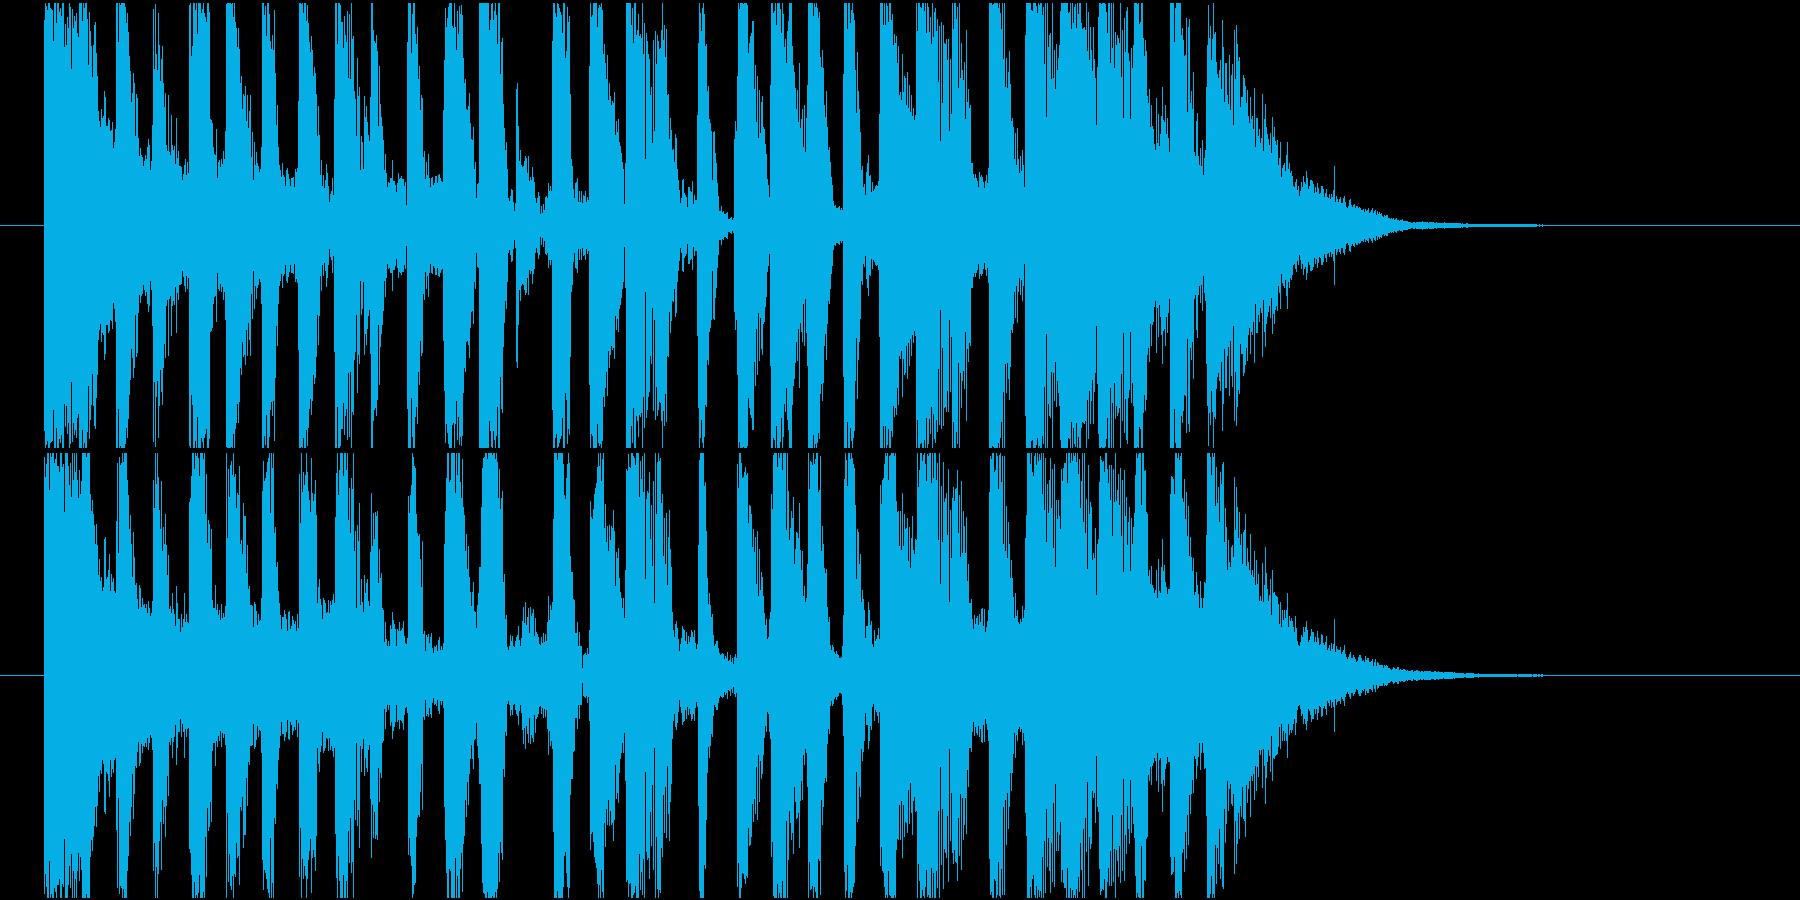 【ジングル】どっしり&ビッグビート調の曲の再生済みの波形